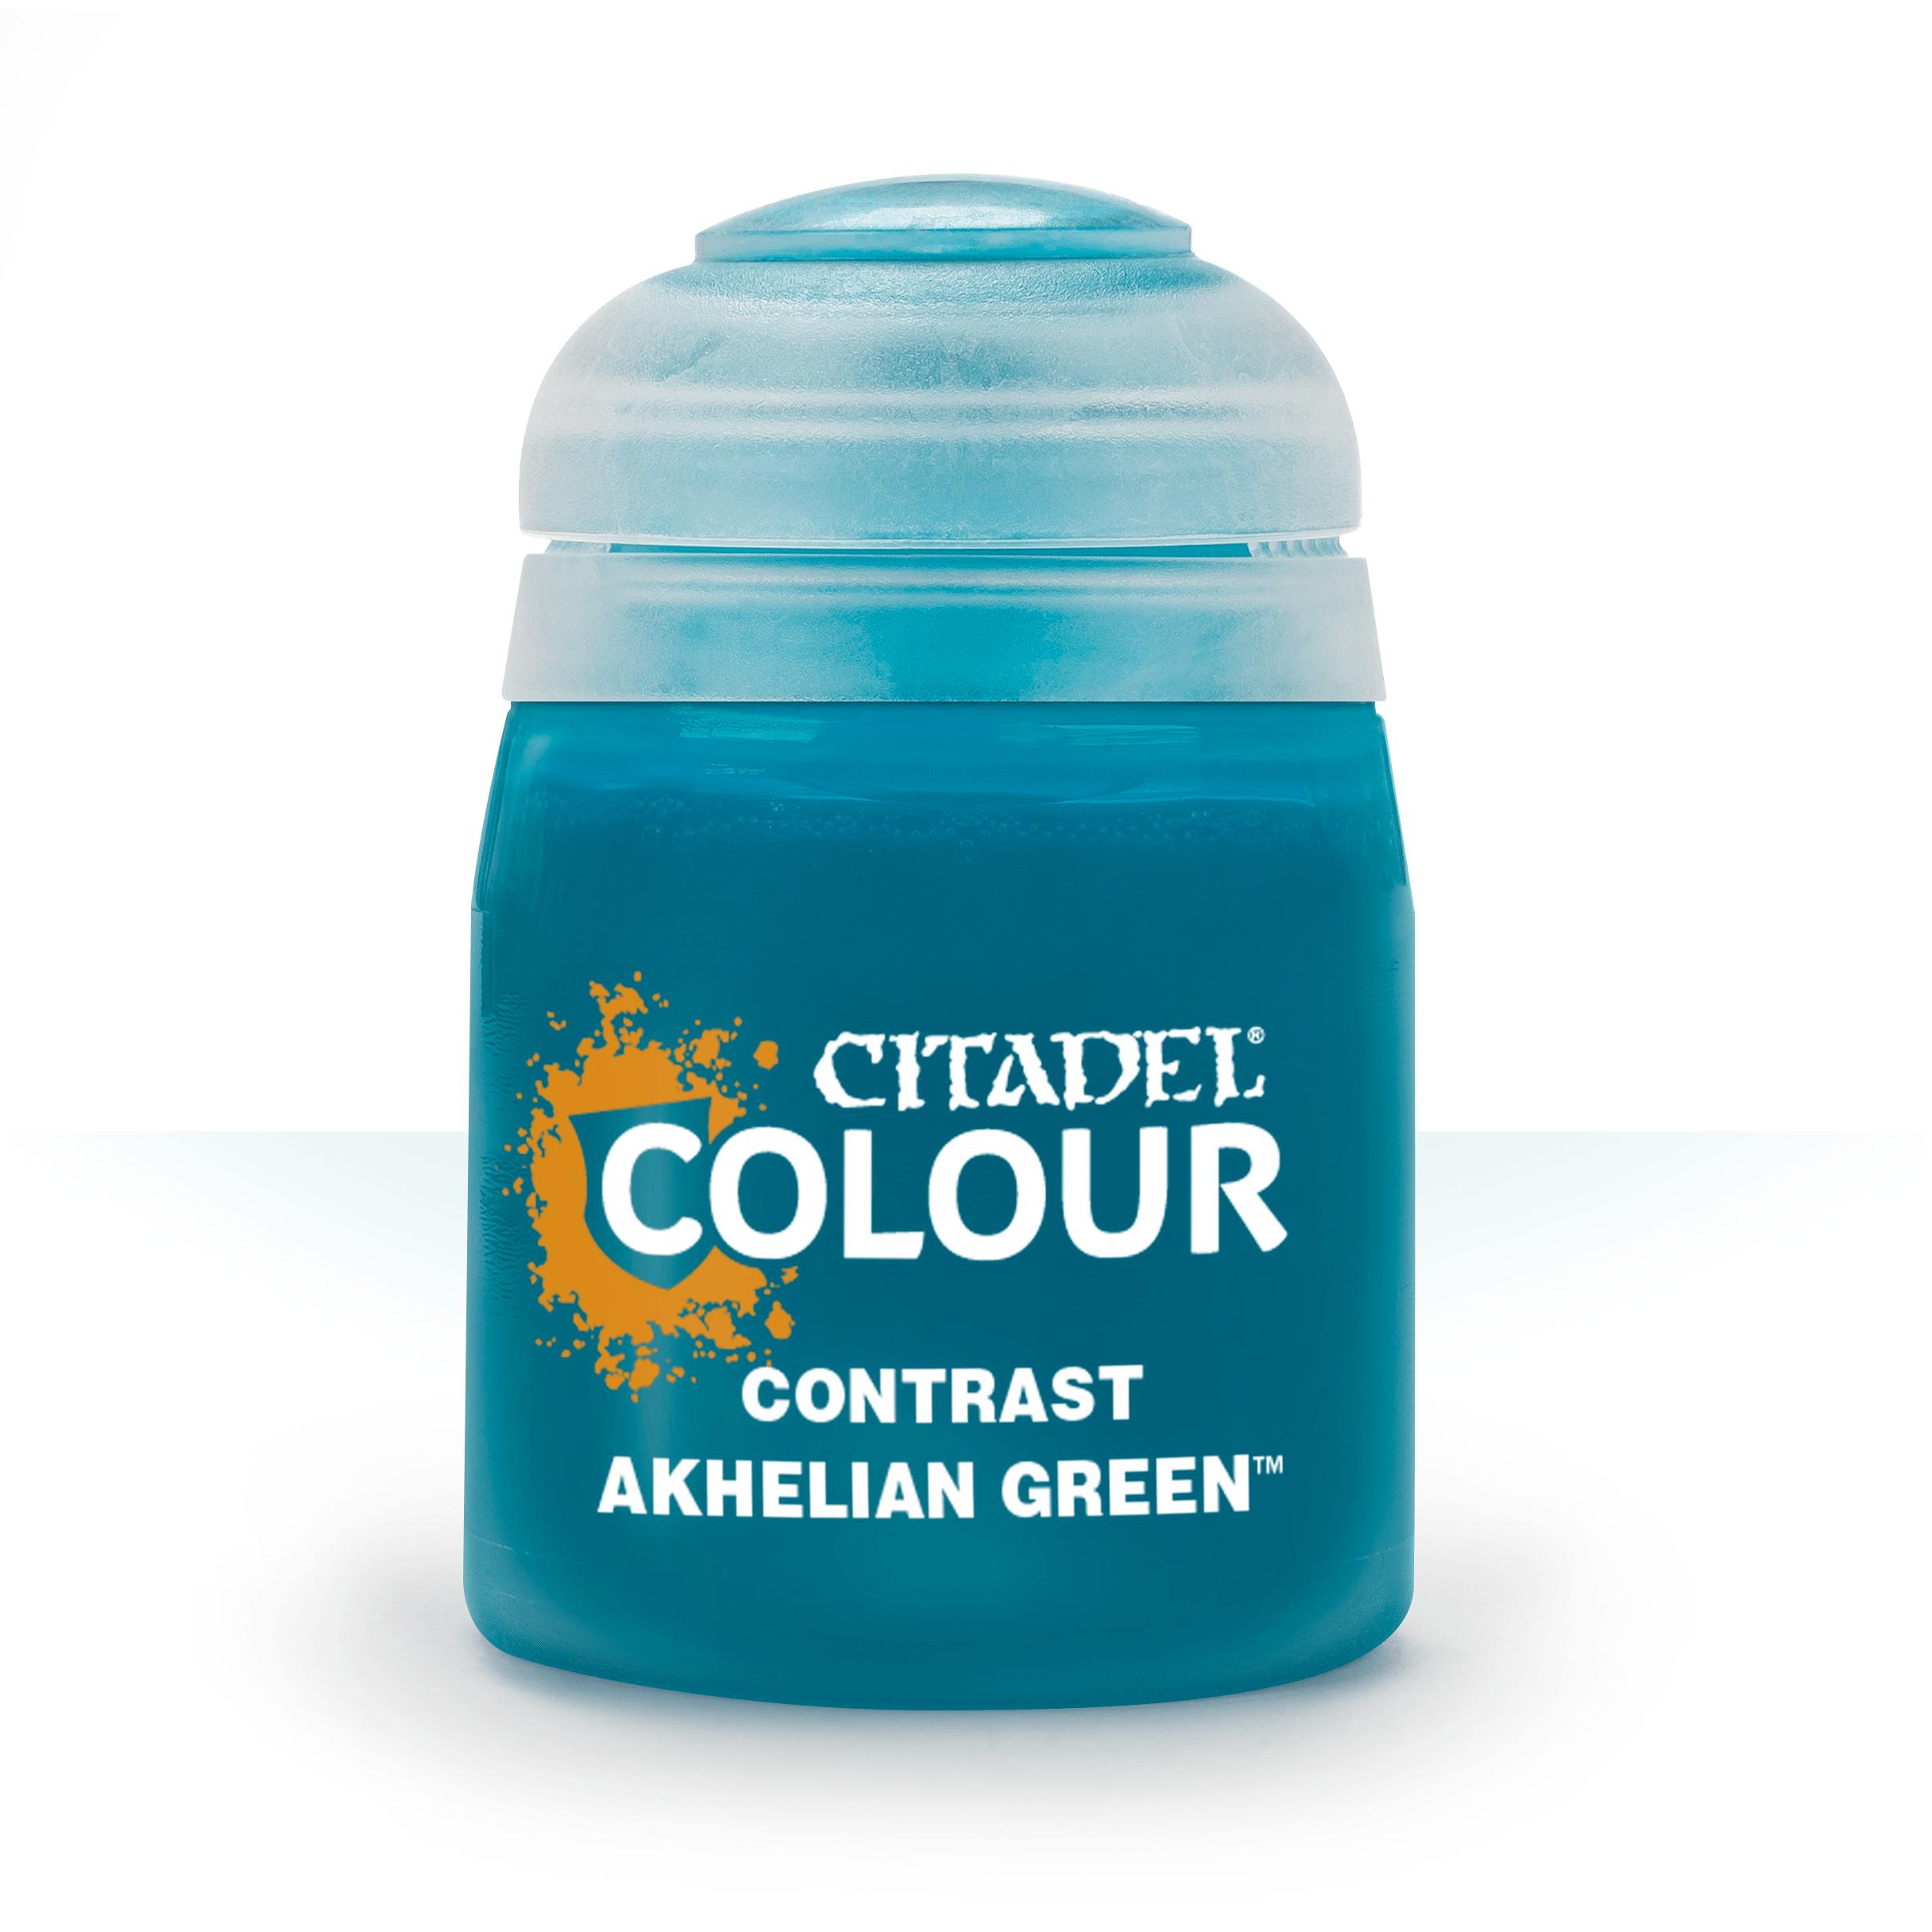 Contrast Akhelian Green